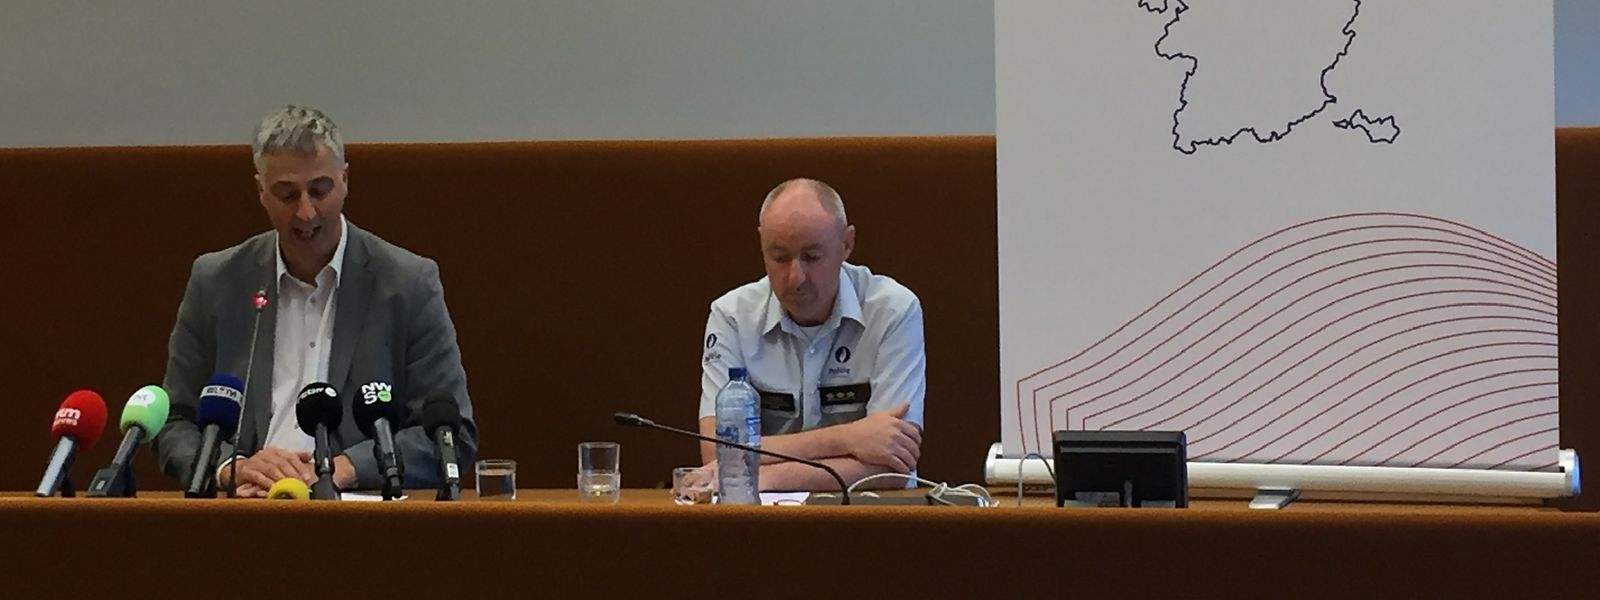 Staatsanwalt Guido Vermeiren (l) und Kris Vandepaer von der föderalen Kriminalpolizei Limburg, nehmen an einer Pressekonferenz der Staatsanwaltschaft Hasselt anlässlich der Entführung eines 13-jährigen Jungen teil.